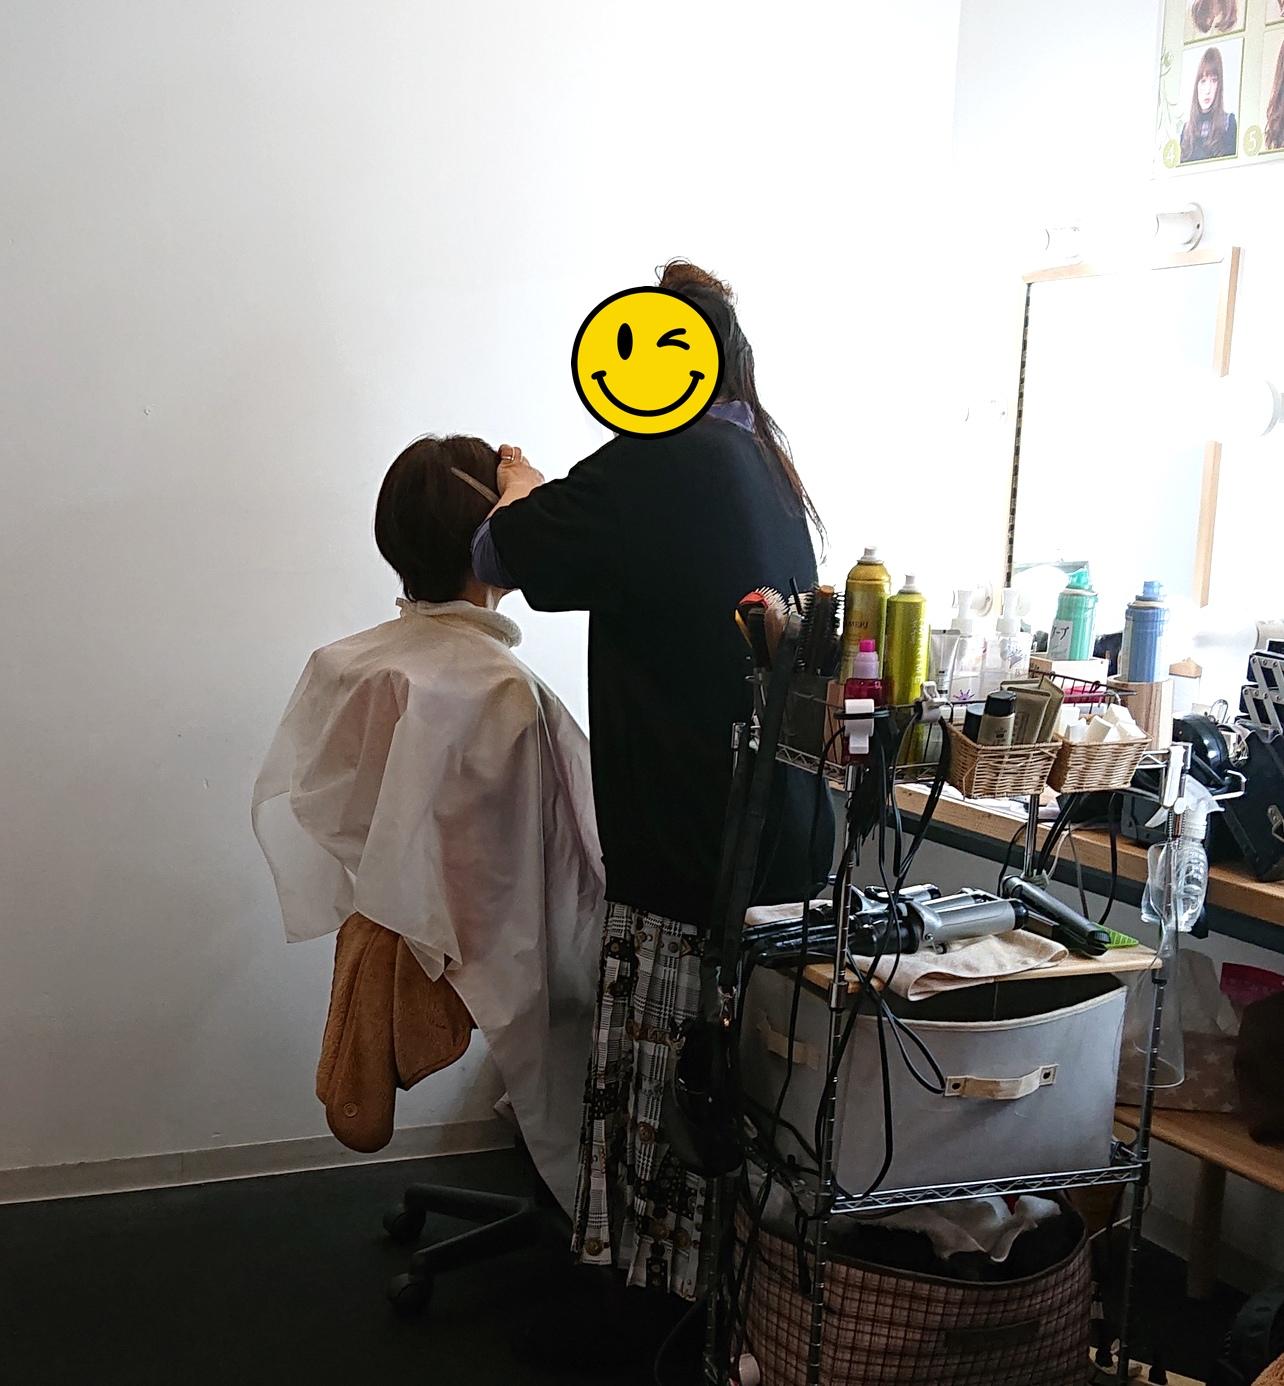 ★日常ブログ★<br>新規会員さん(50代女性)のプロフィール写真撮影へ!(なんばスターメーカースタジオさん)